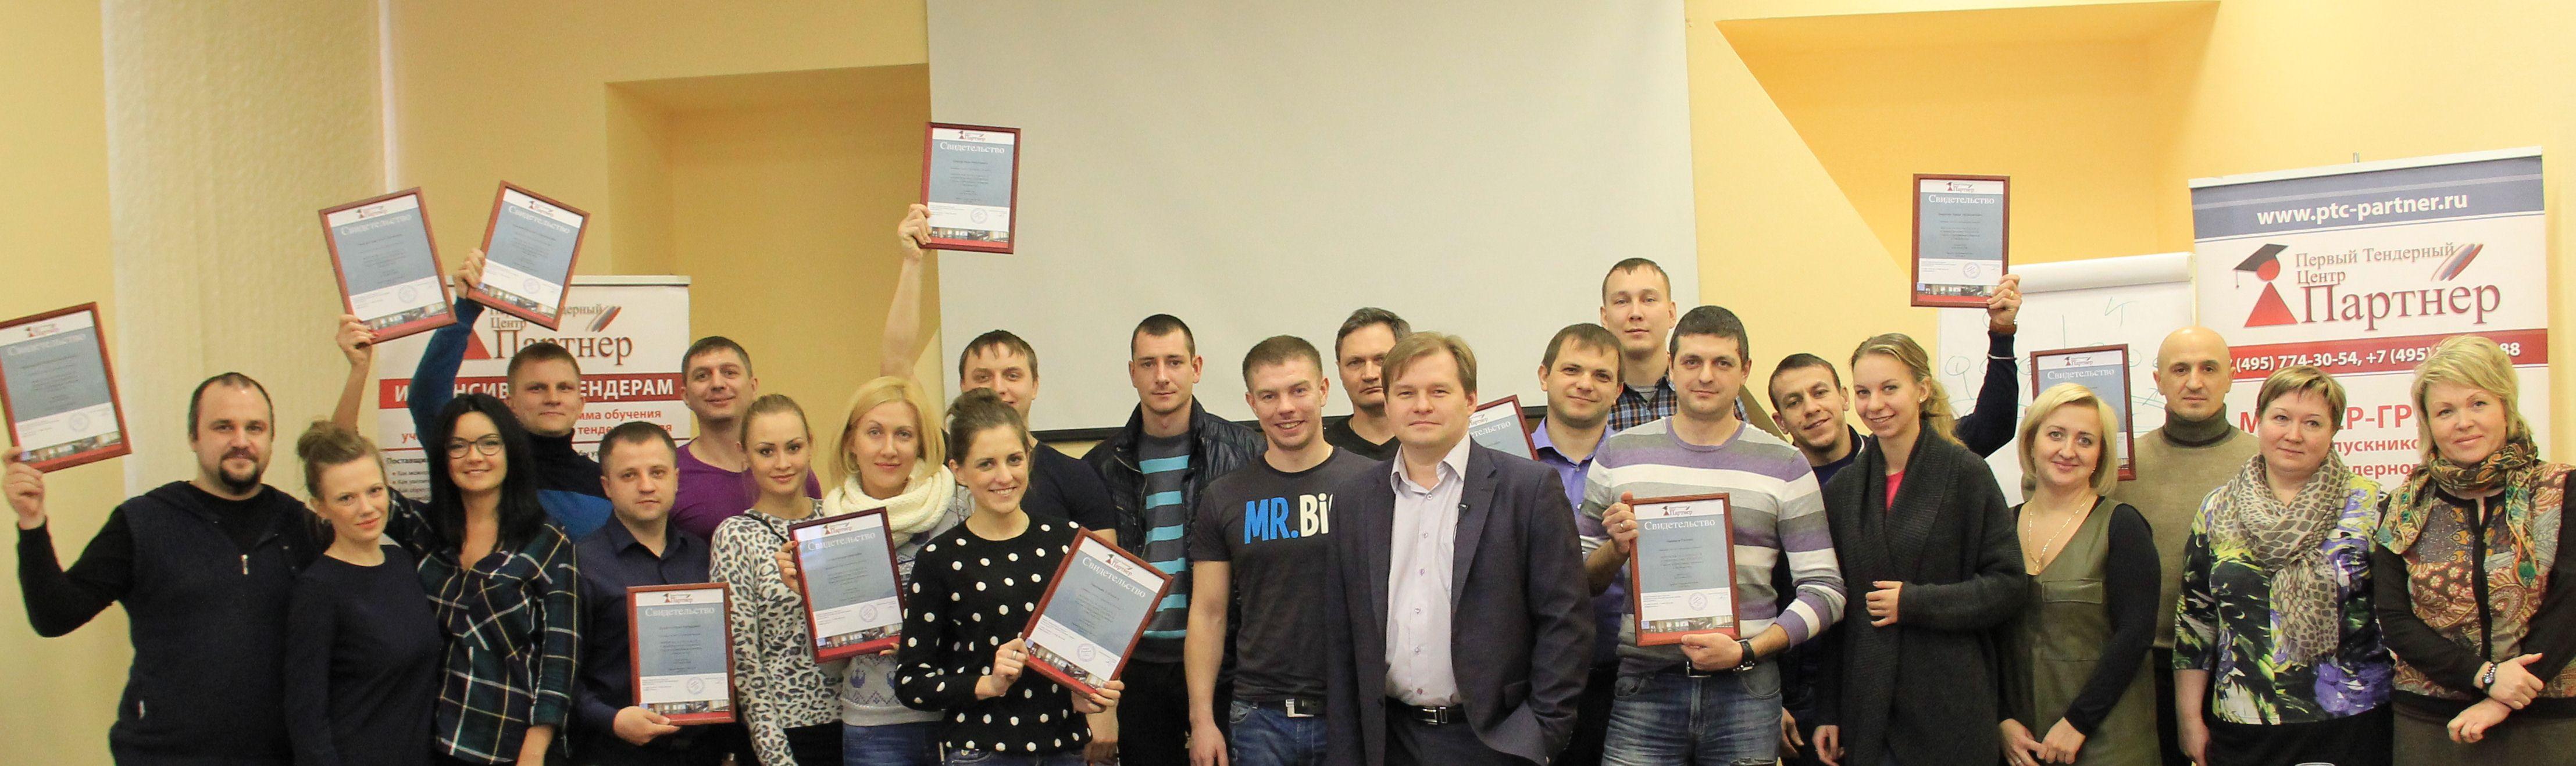 знакомства с иностранцами бесплатно на русском языке регистрация